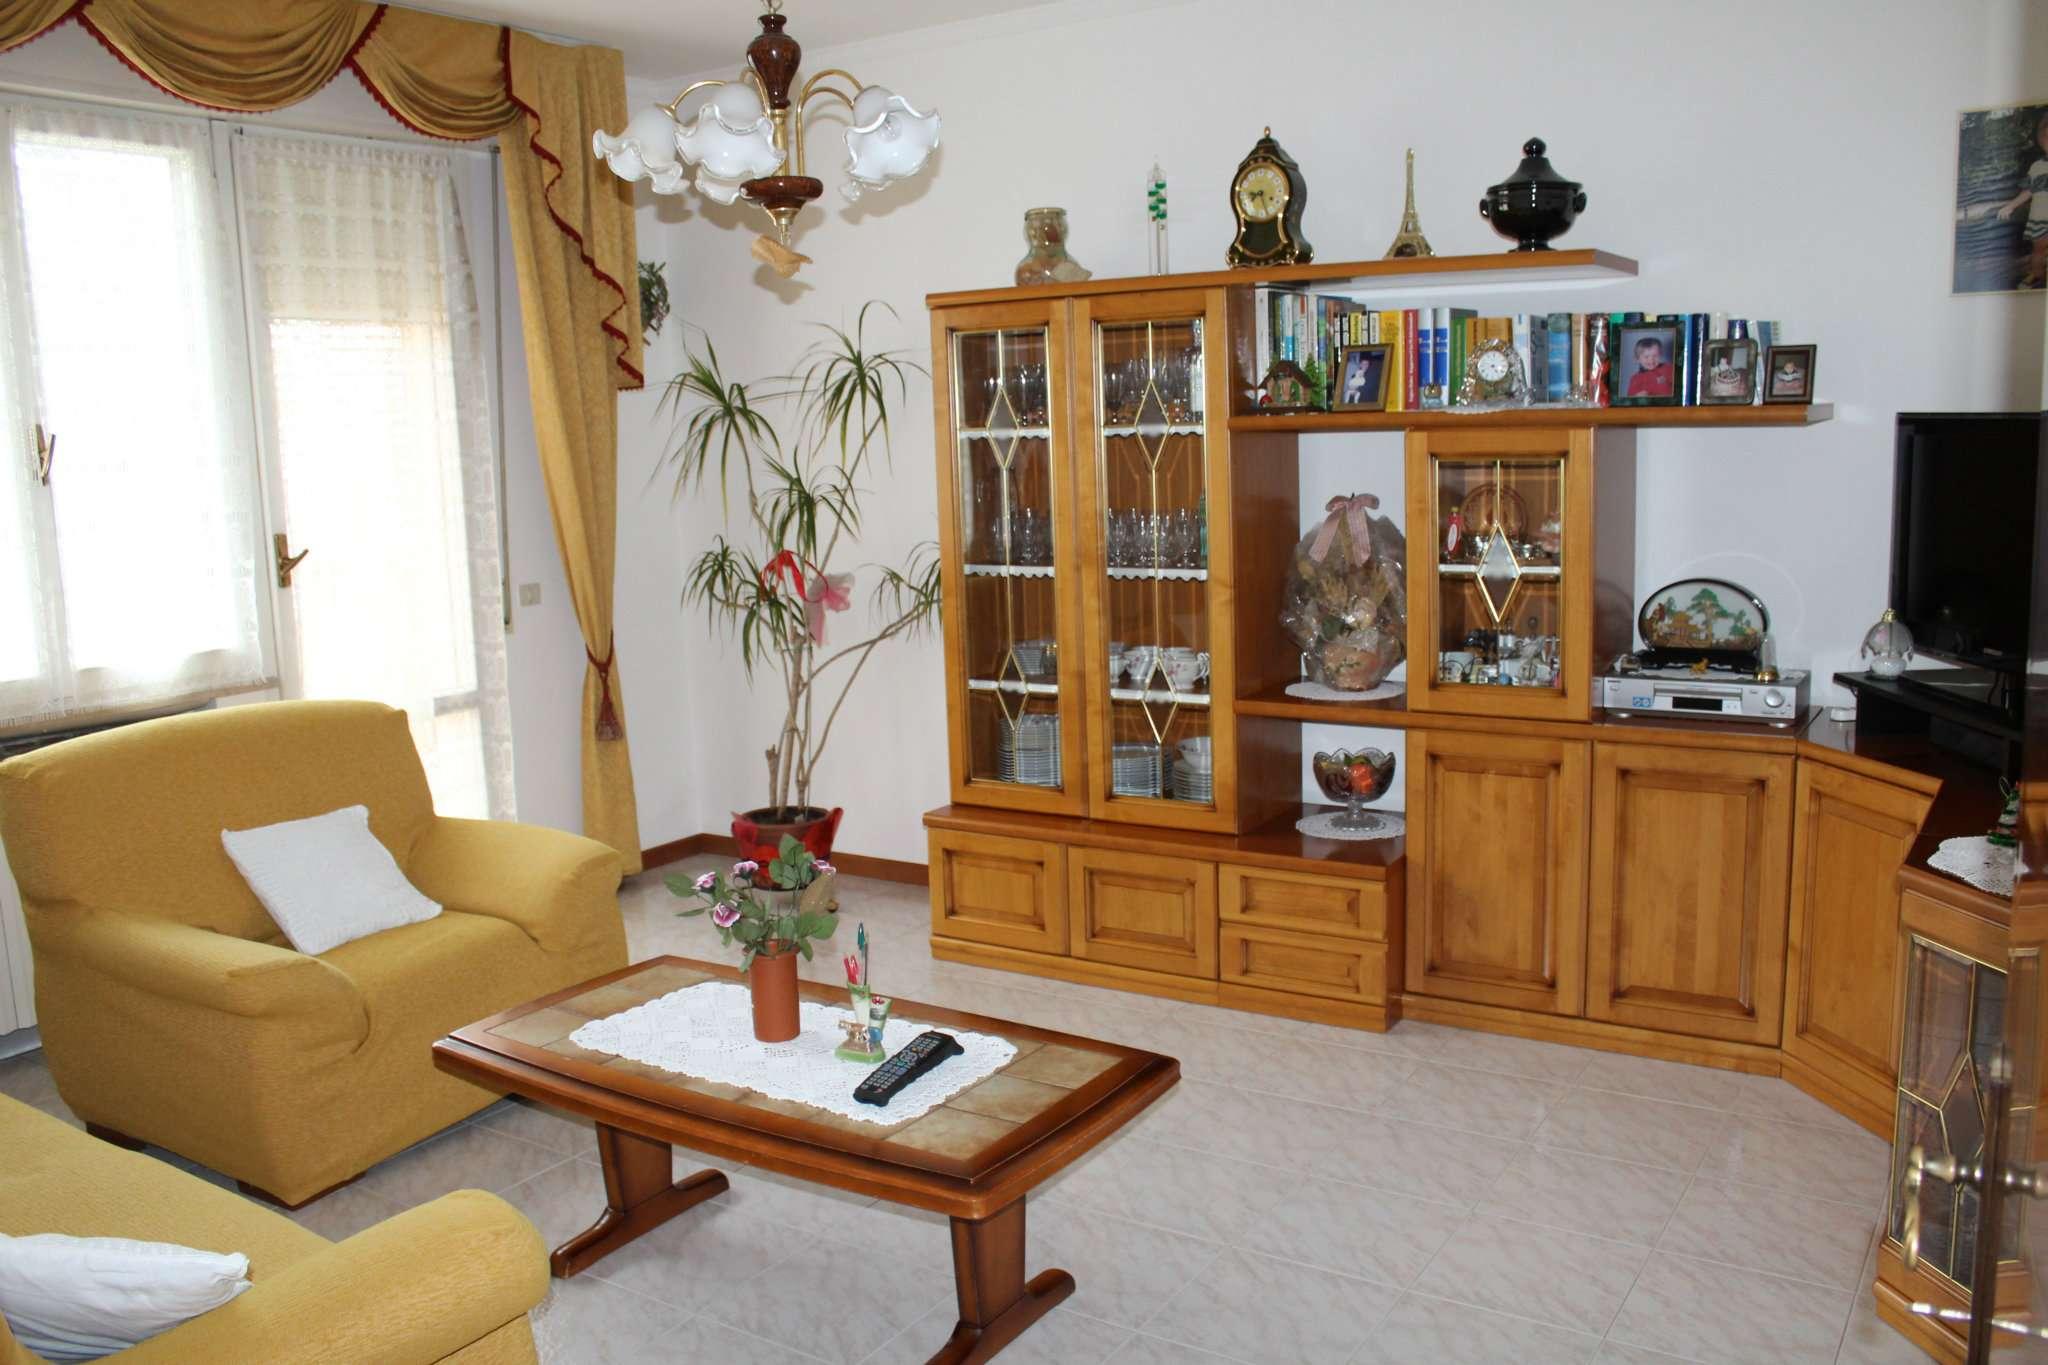 Appartamento in vendita a Tavullia, 8 locali, prezzo € 190.000 | CambioCasa.it